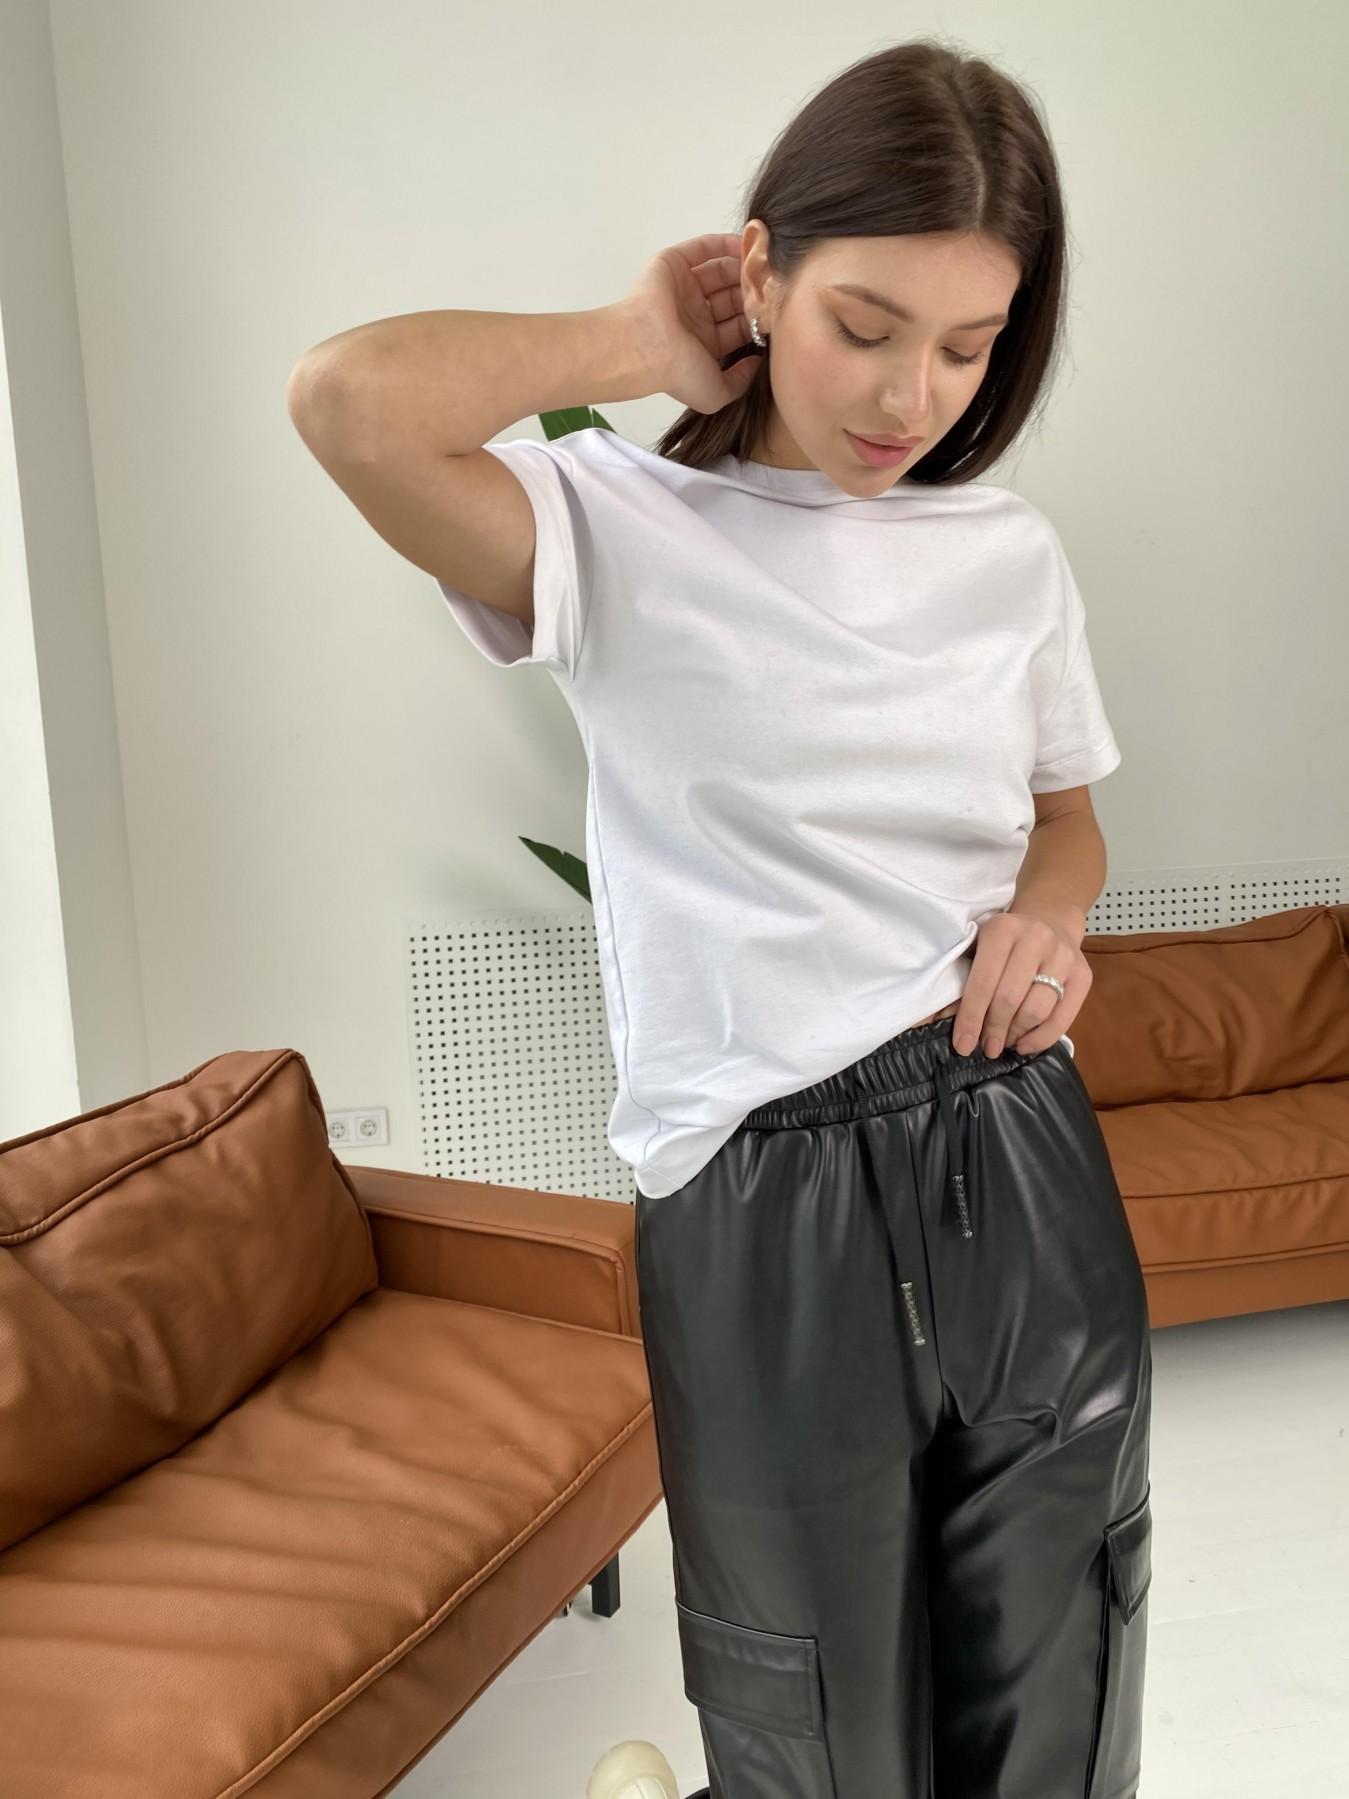 Кьюи брюки из экокожи 10673 АРТ. 47074 Цвет: Черный - фото 8, интернет магазин tm-modus.ru